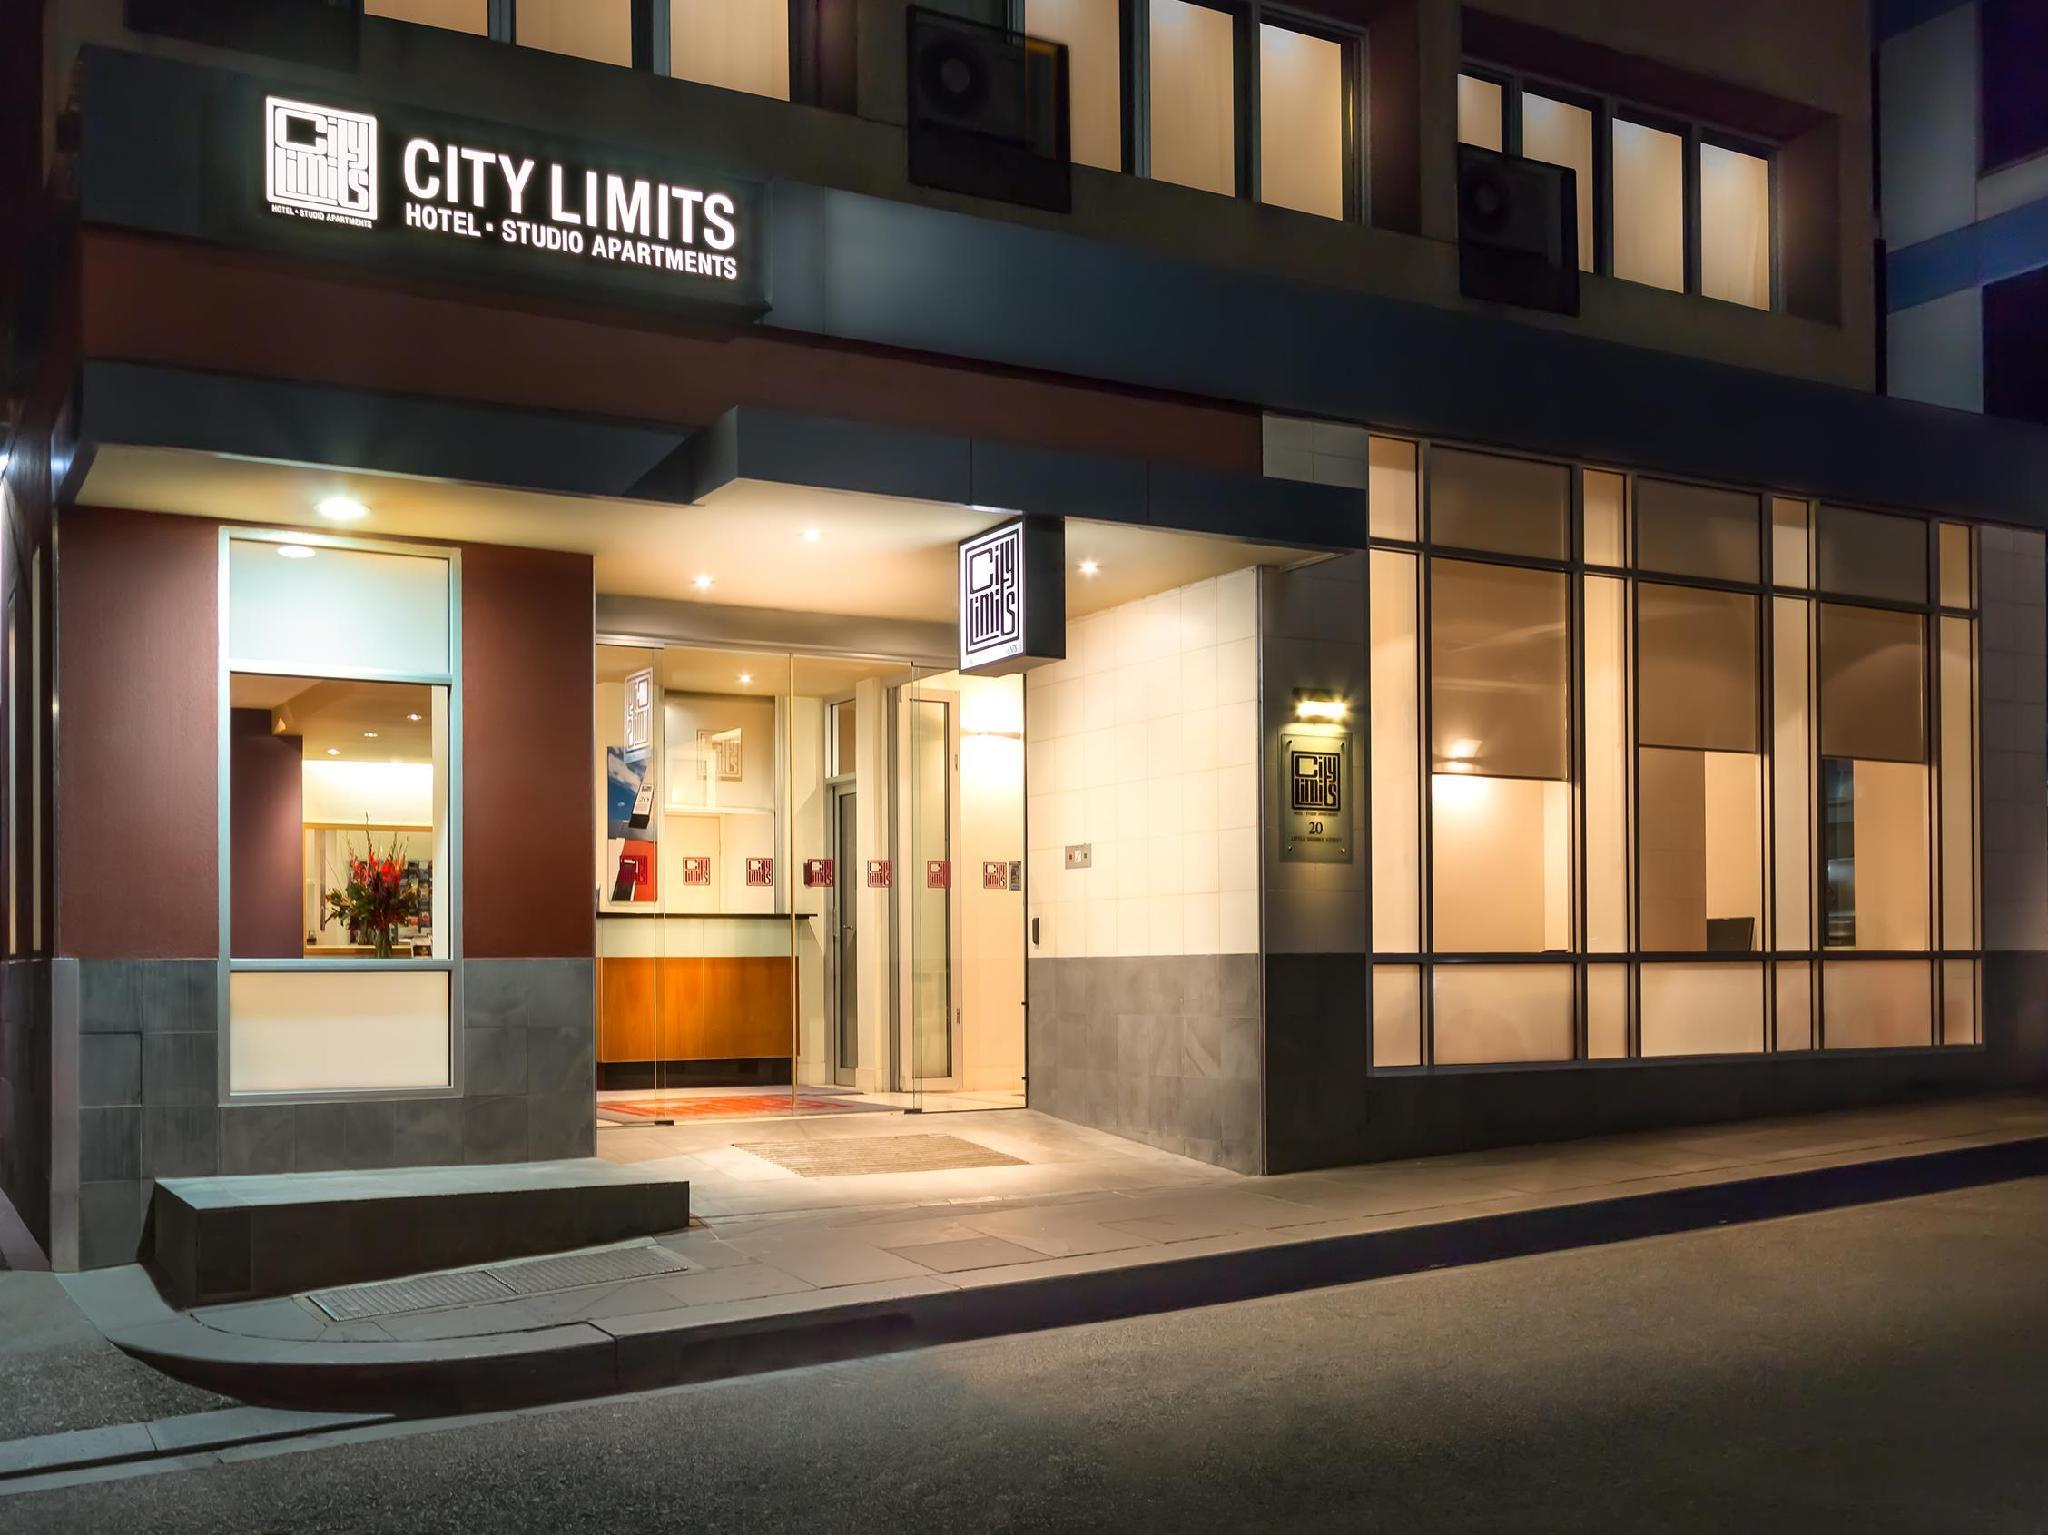 City Limits Apartments